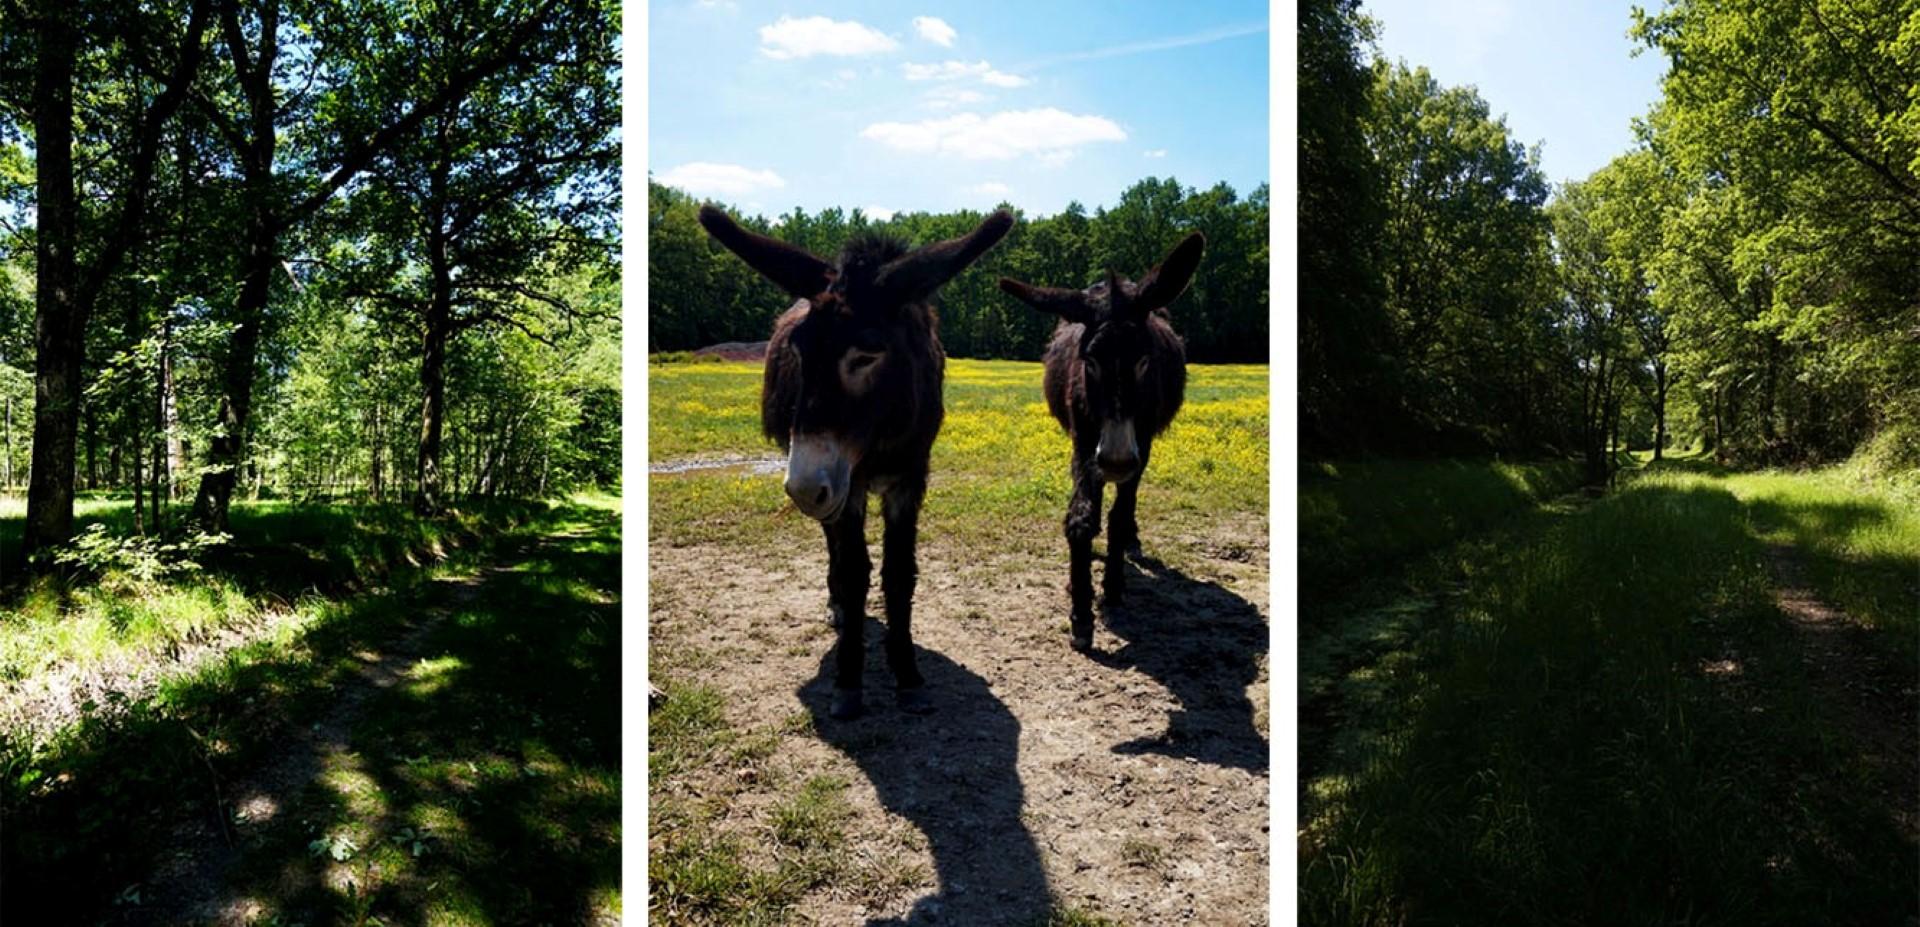 Randonnée en Forêt de Rambouillet - Etang de la Tour et Etangs de Hollande